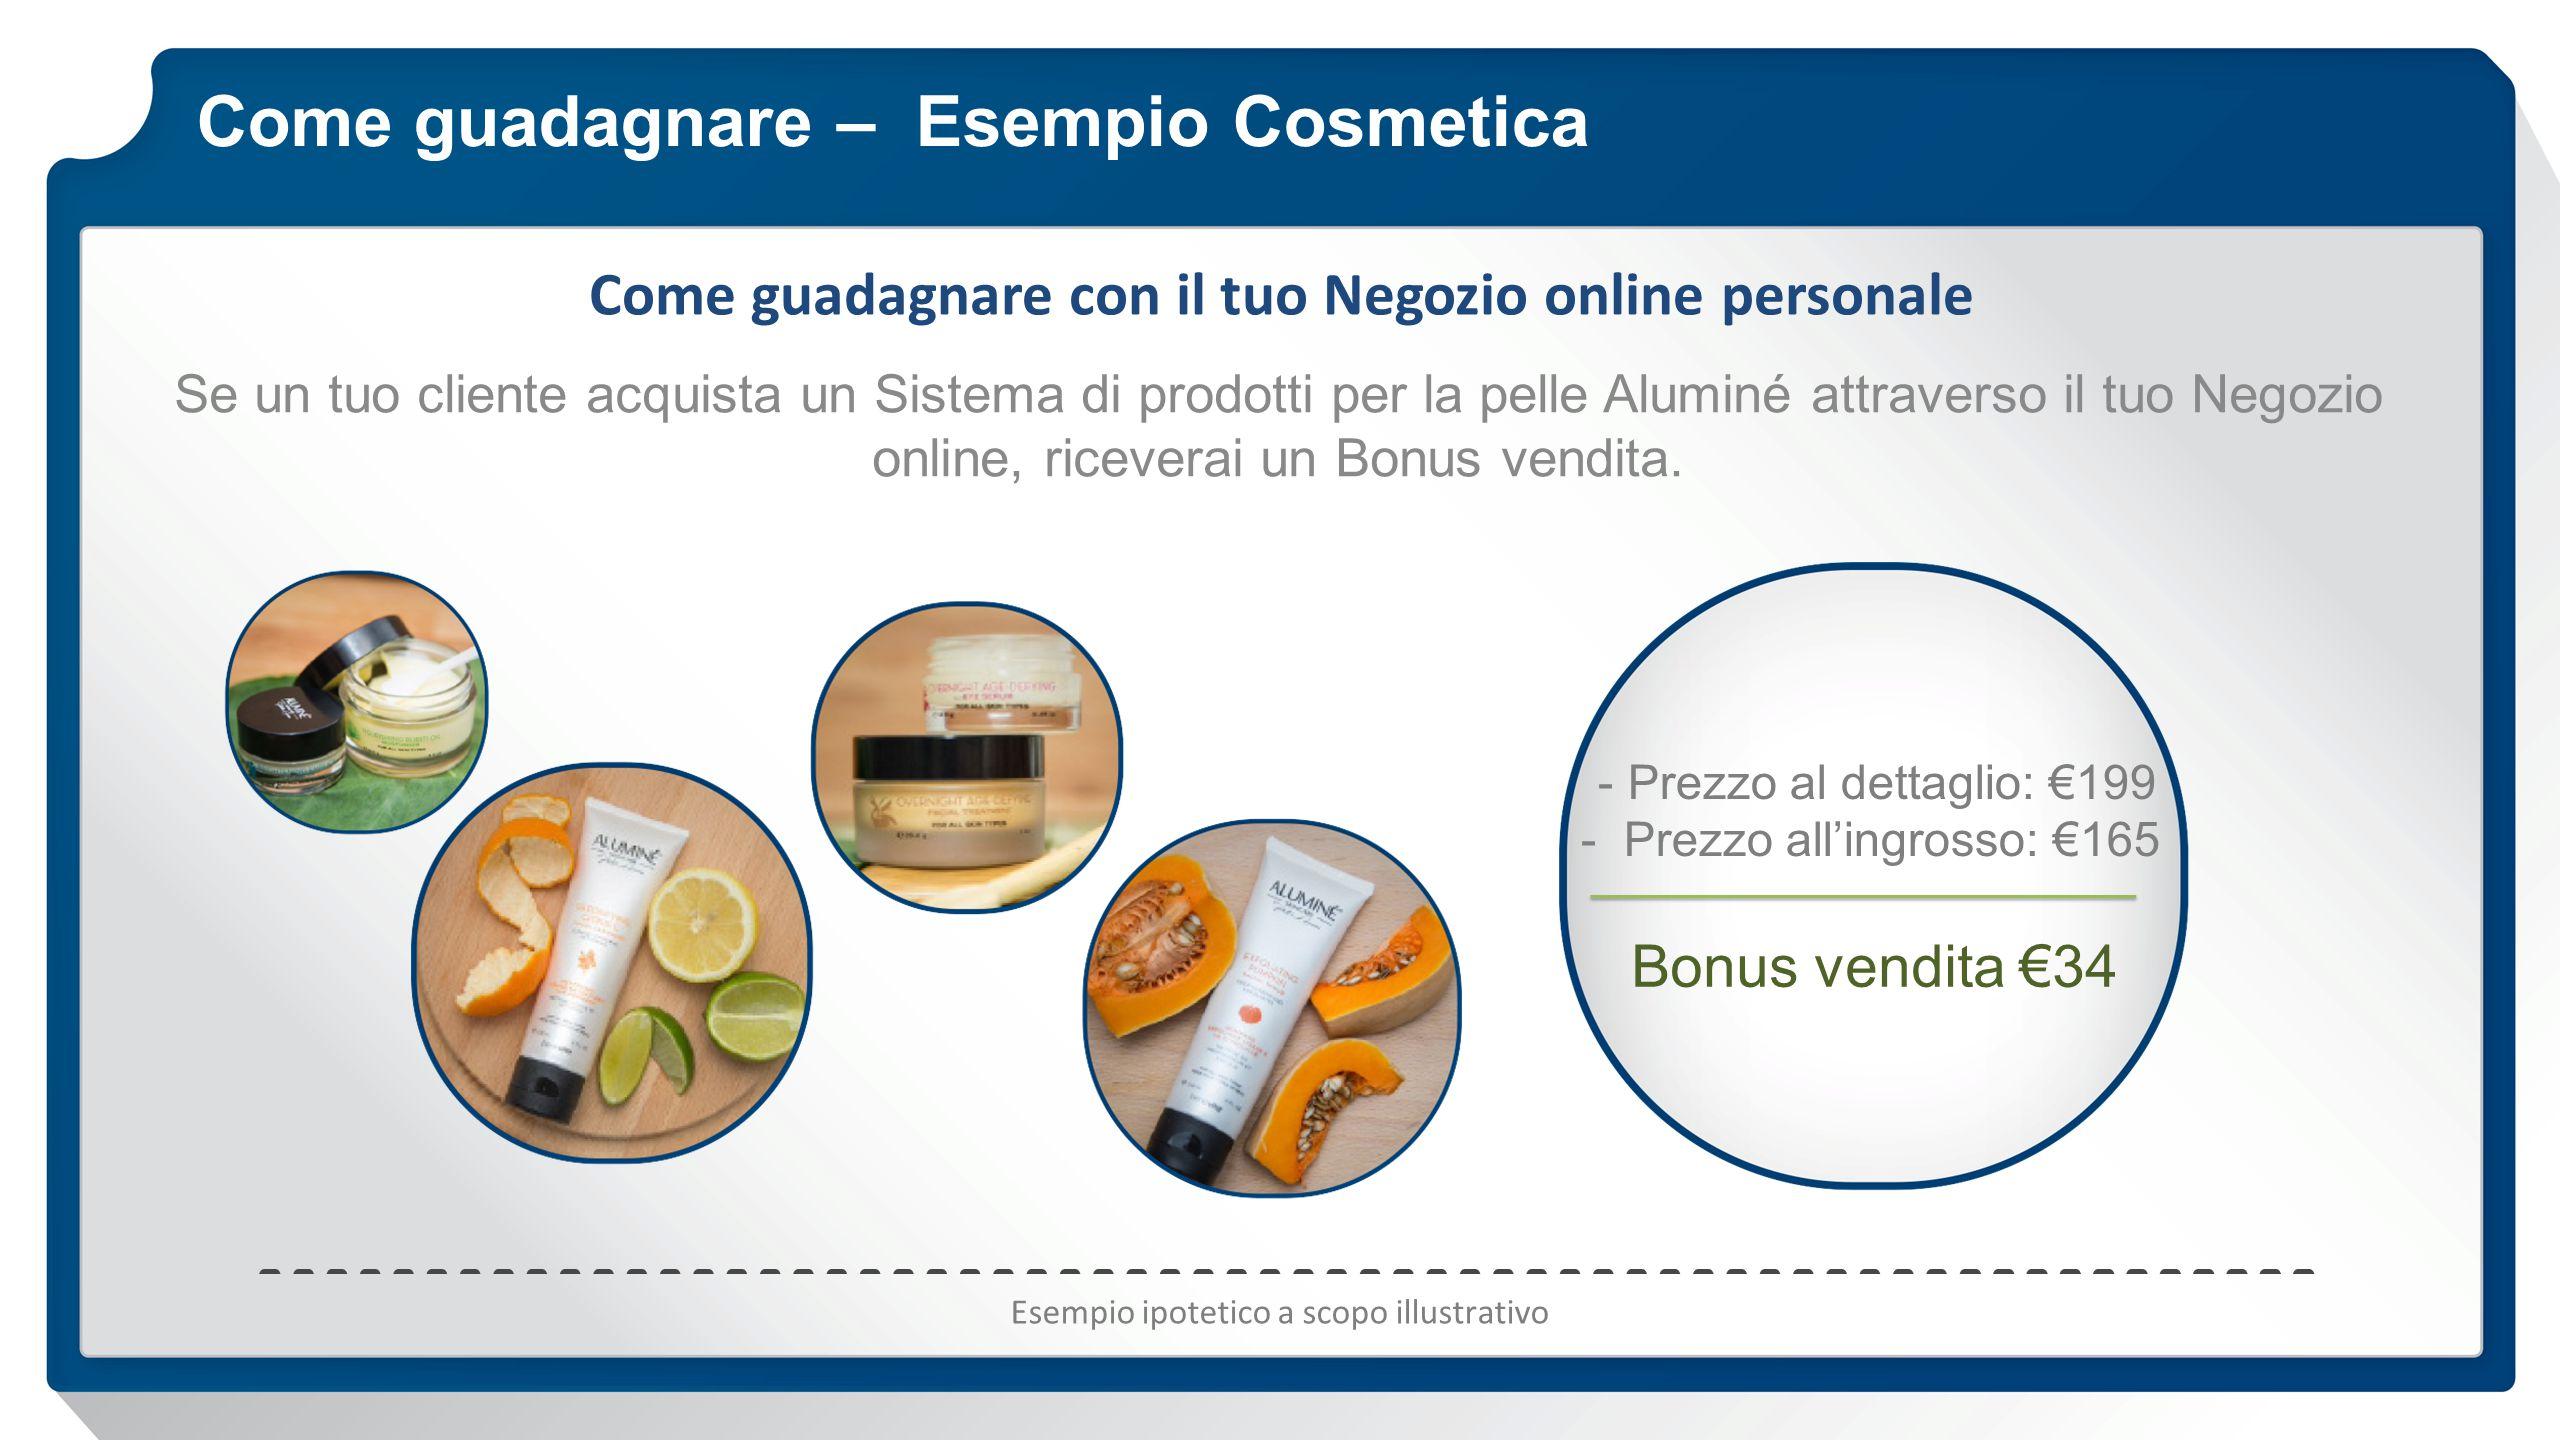 Come guadagnare – Esempio Cosmetica Come guadagnare con il tuo Negozio online personale Se un tuo cliente acquista un Sistema di prodotti per la pelle Aluminé attraverso il tuo Negozio online, riceverai un Bonus vendita.